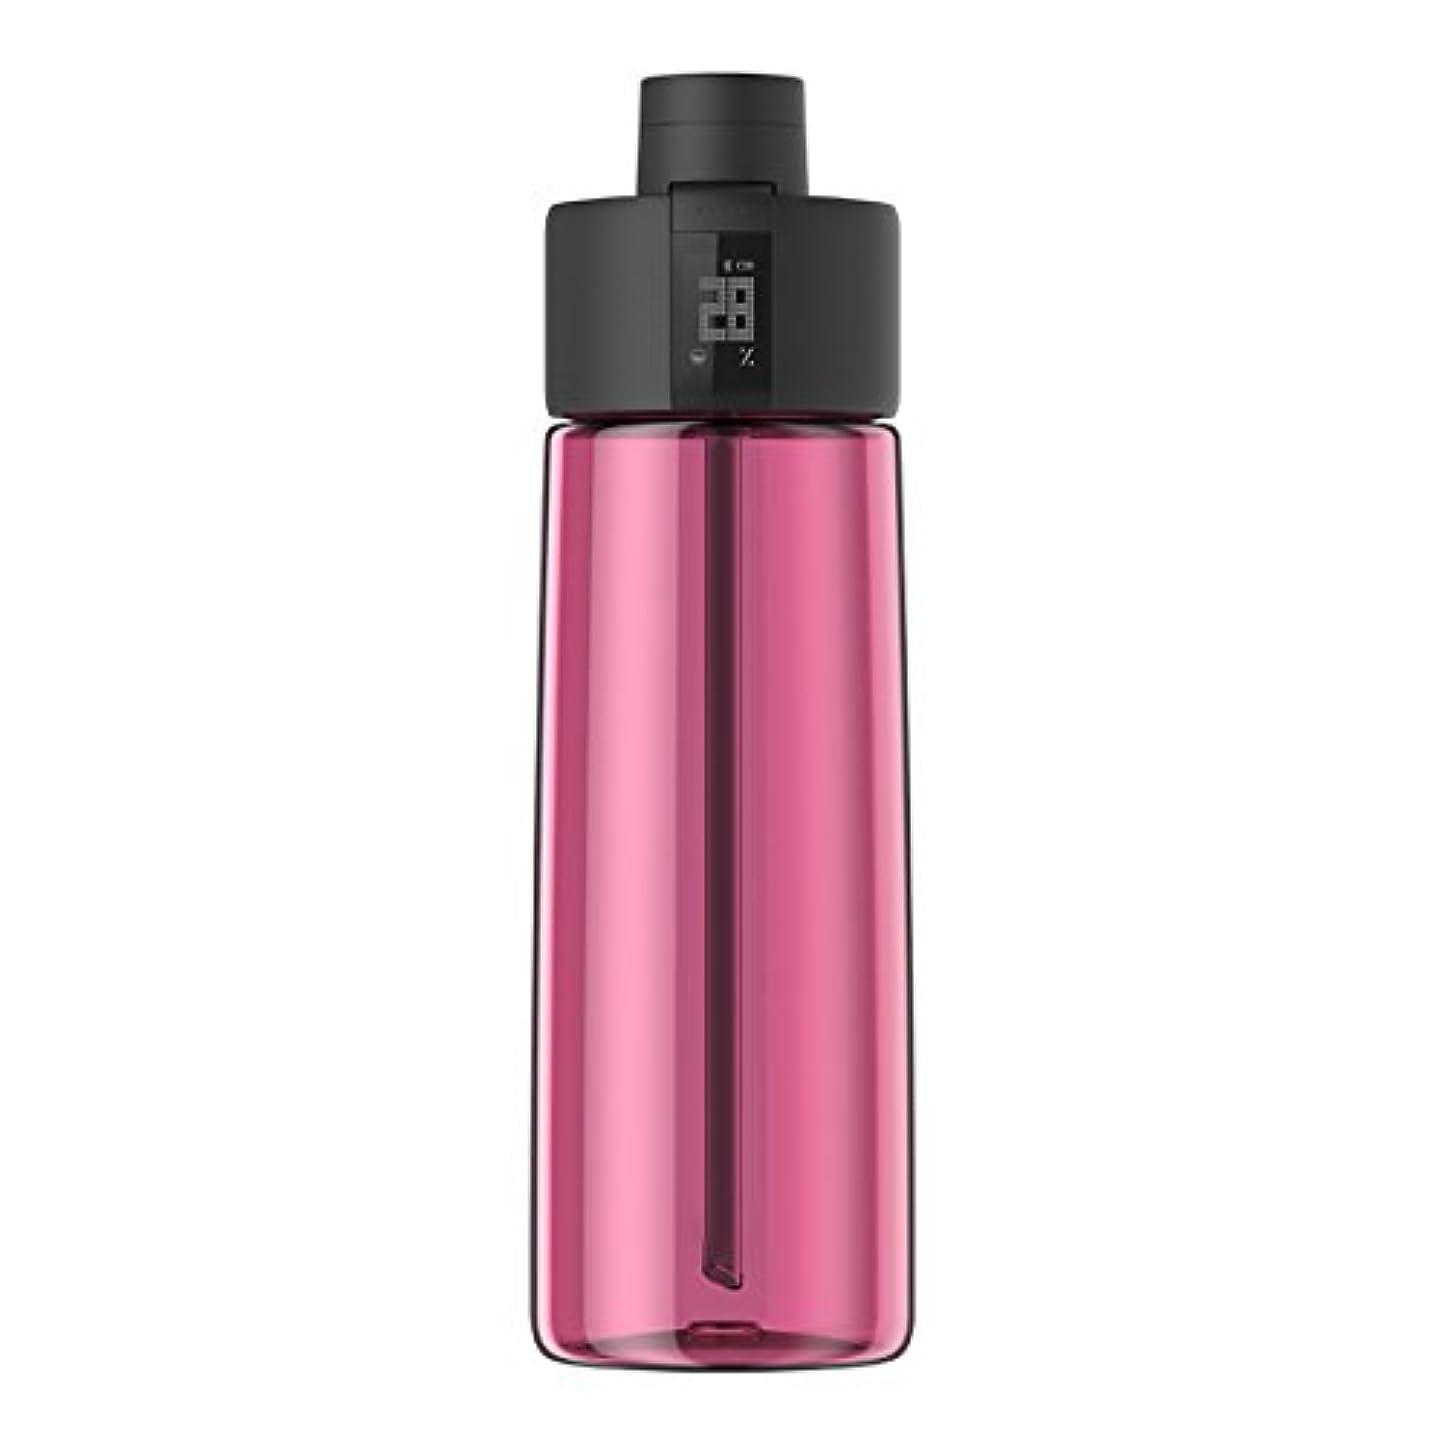 セーブなめるまもなくTechcomm bocombiスマートウォーターボトルZephair Hydrationトラッキング、アラームスマートストローテクノロジーと水和のホットとコールドnon-carbonated Drinks